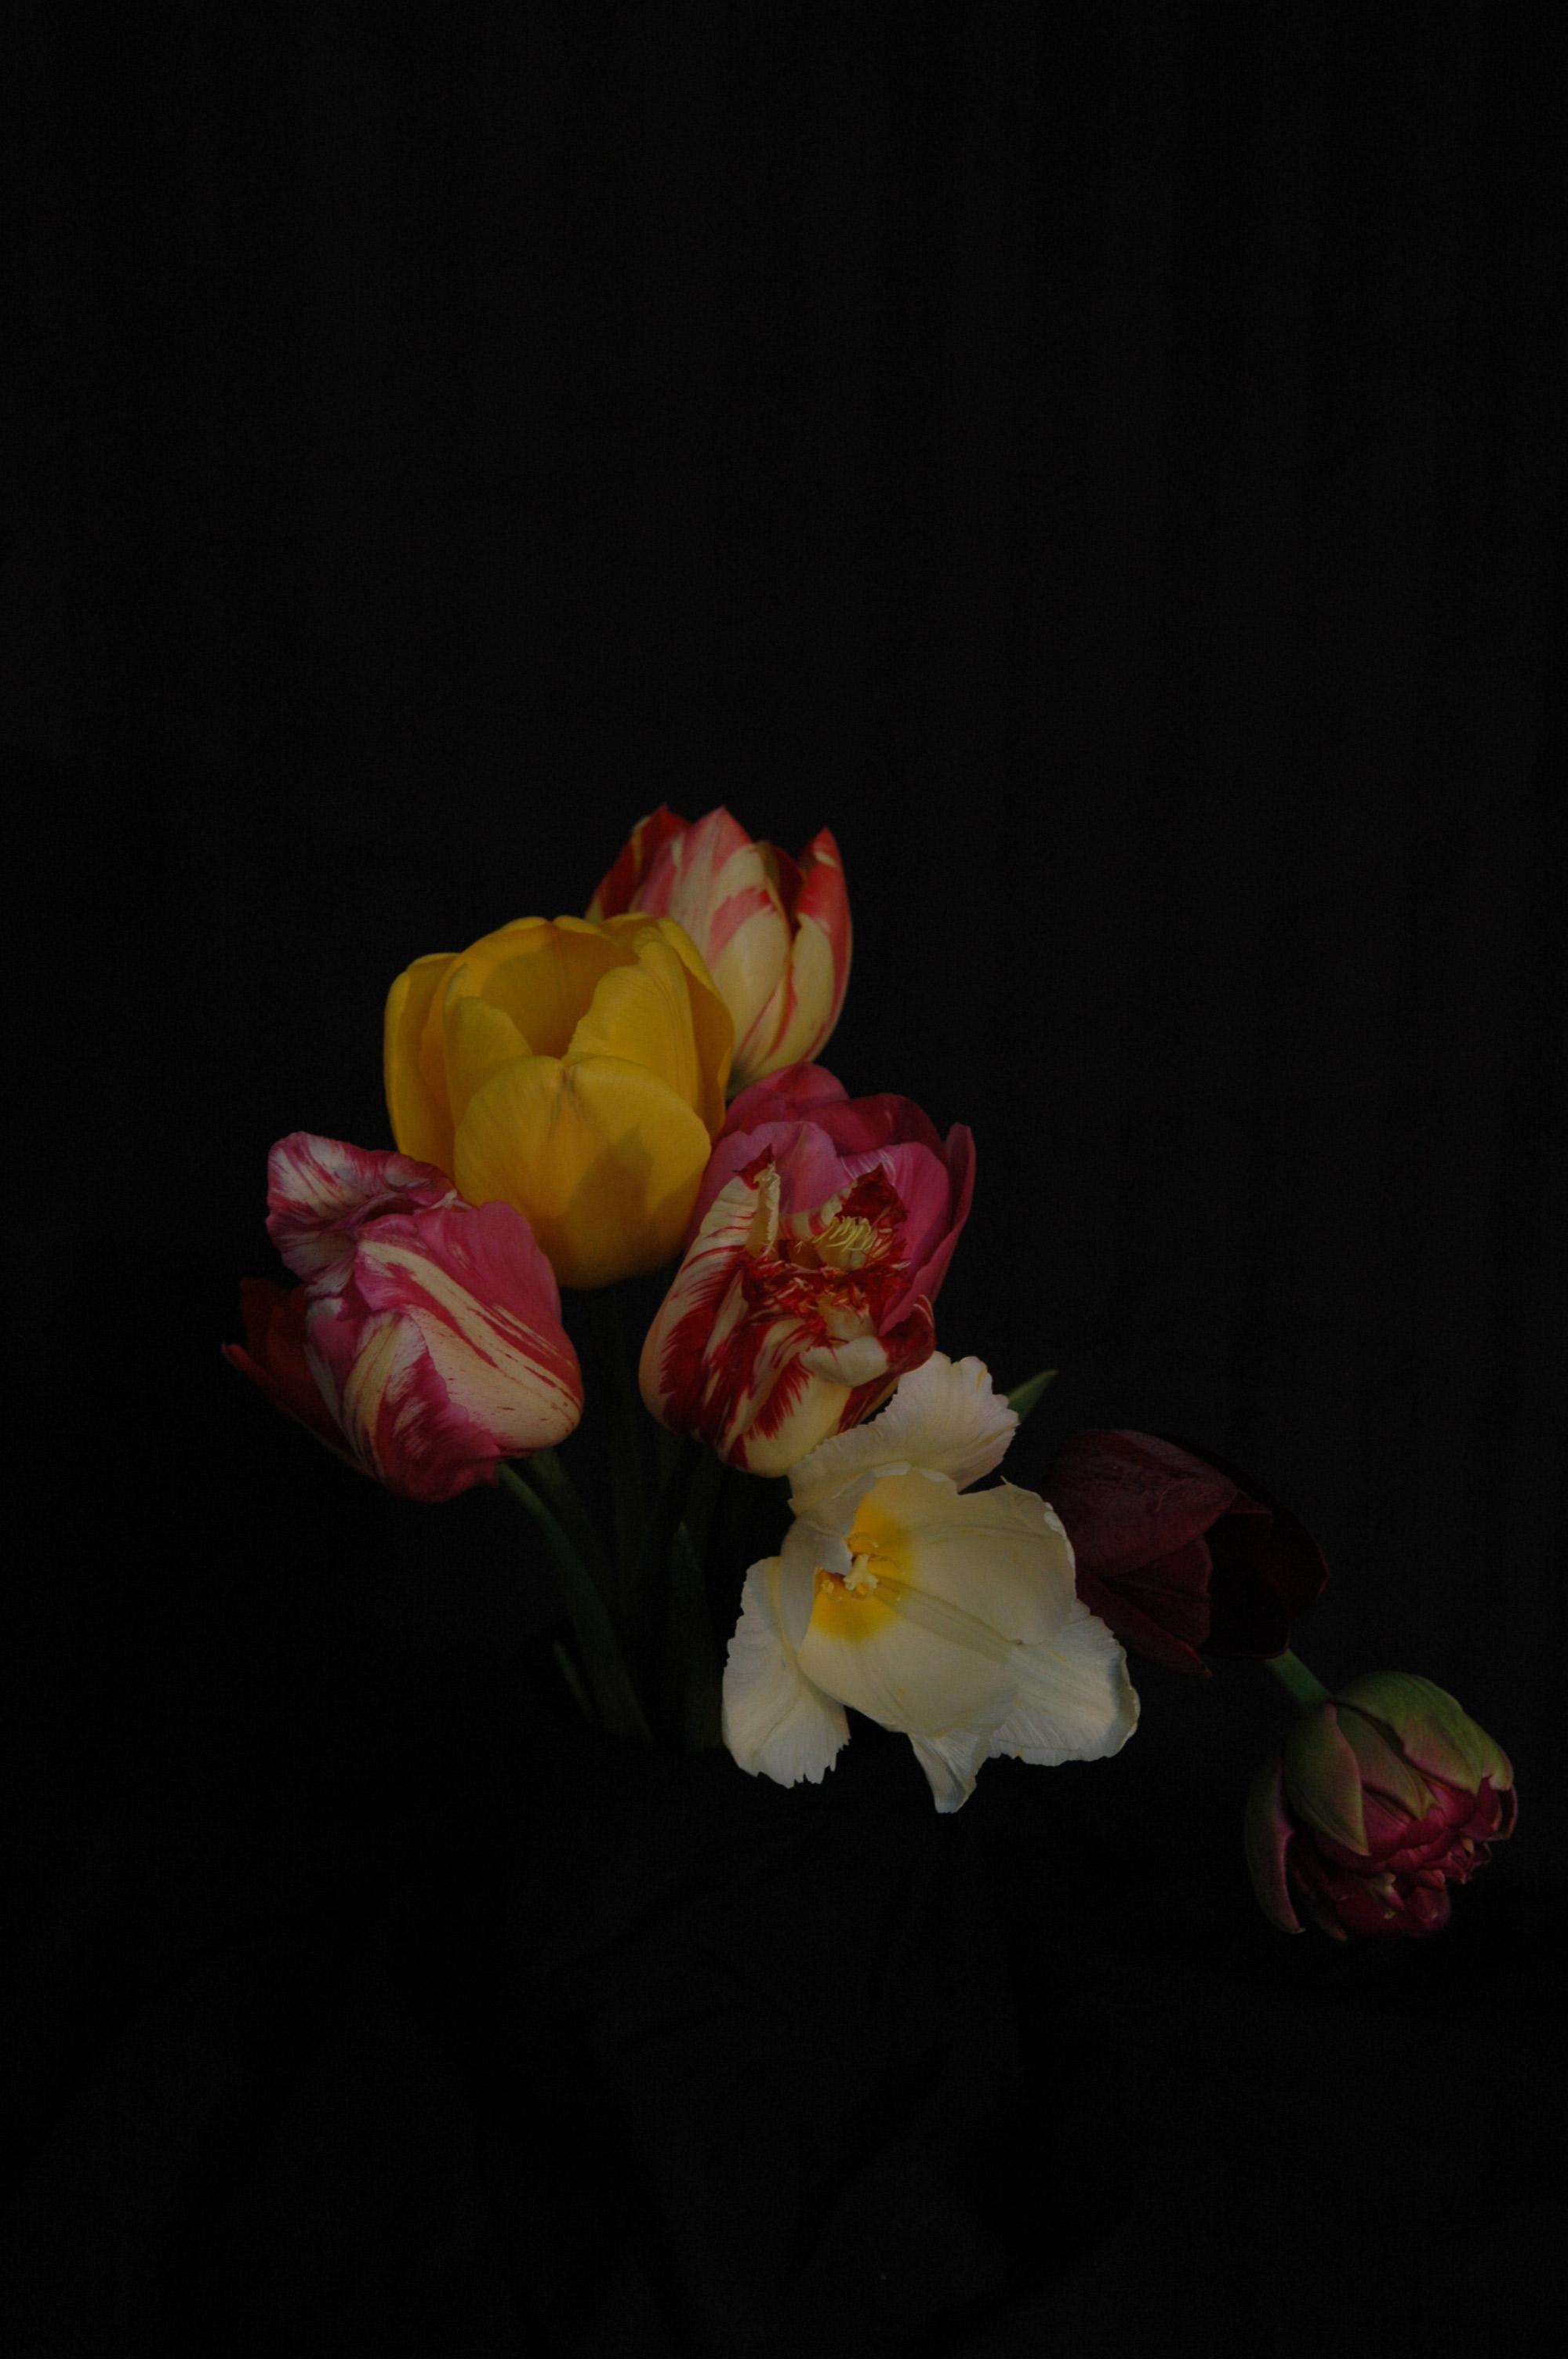 tulips_13 helter-skelter